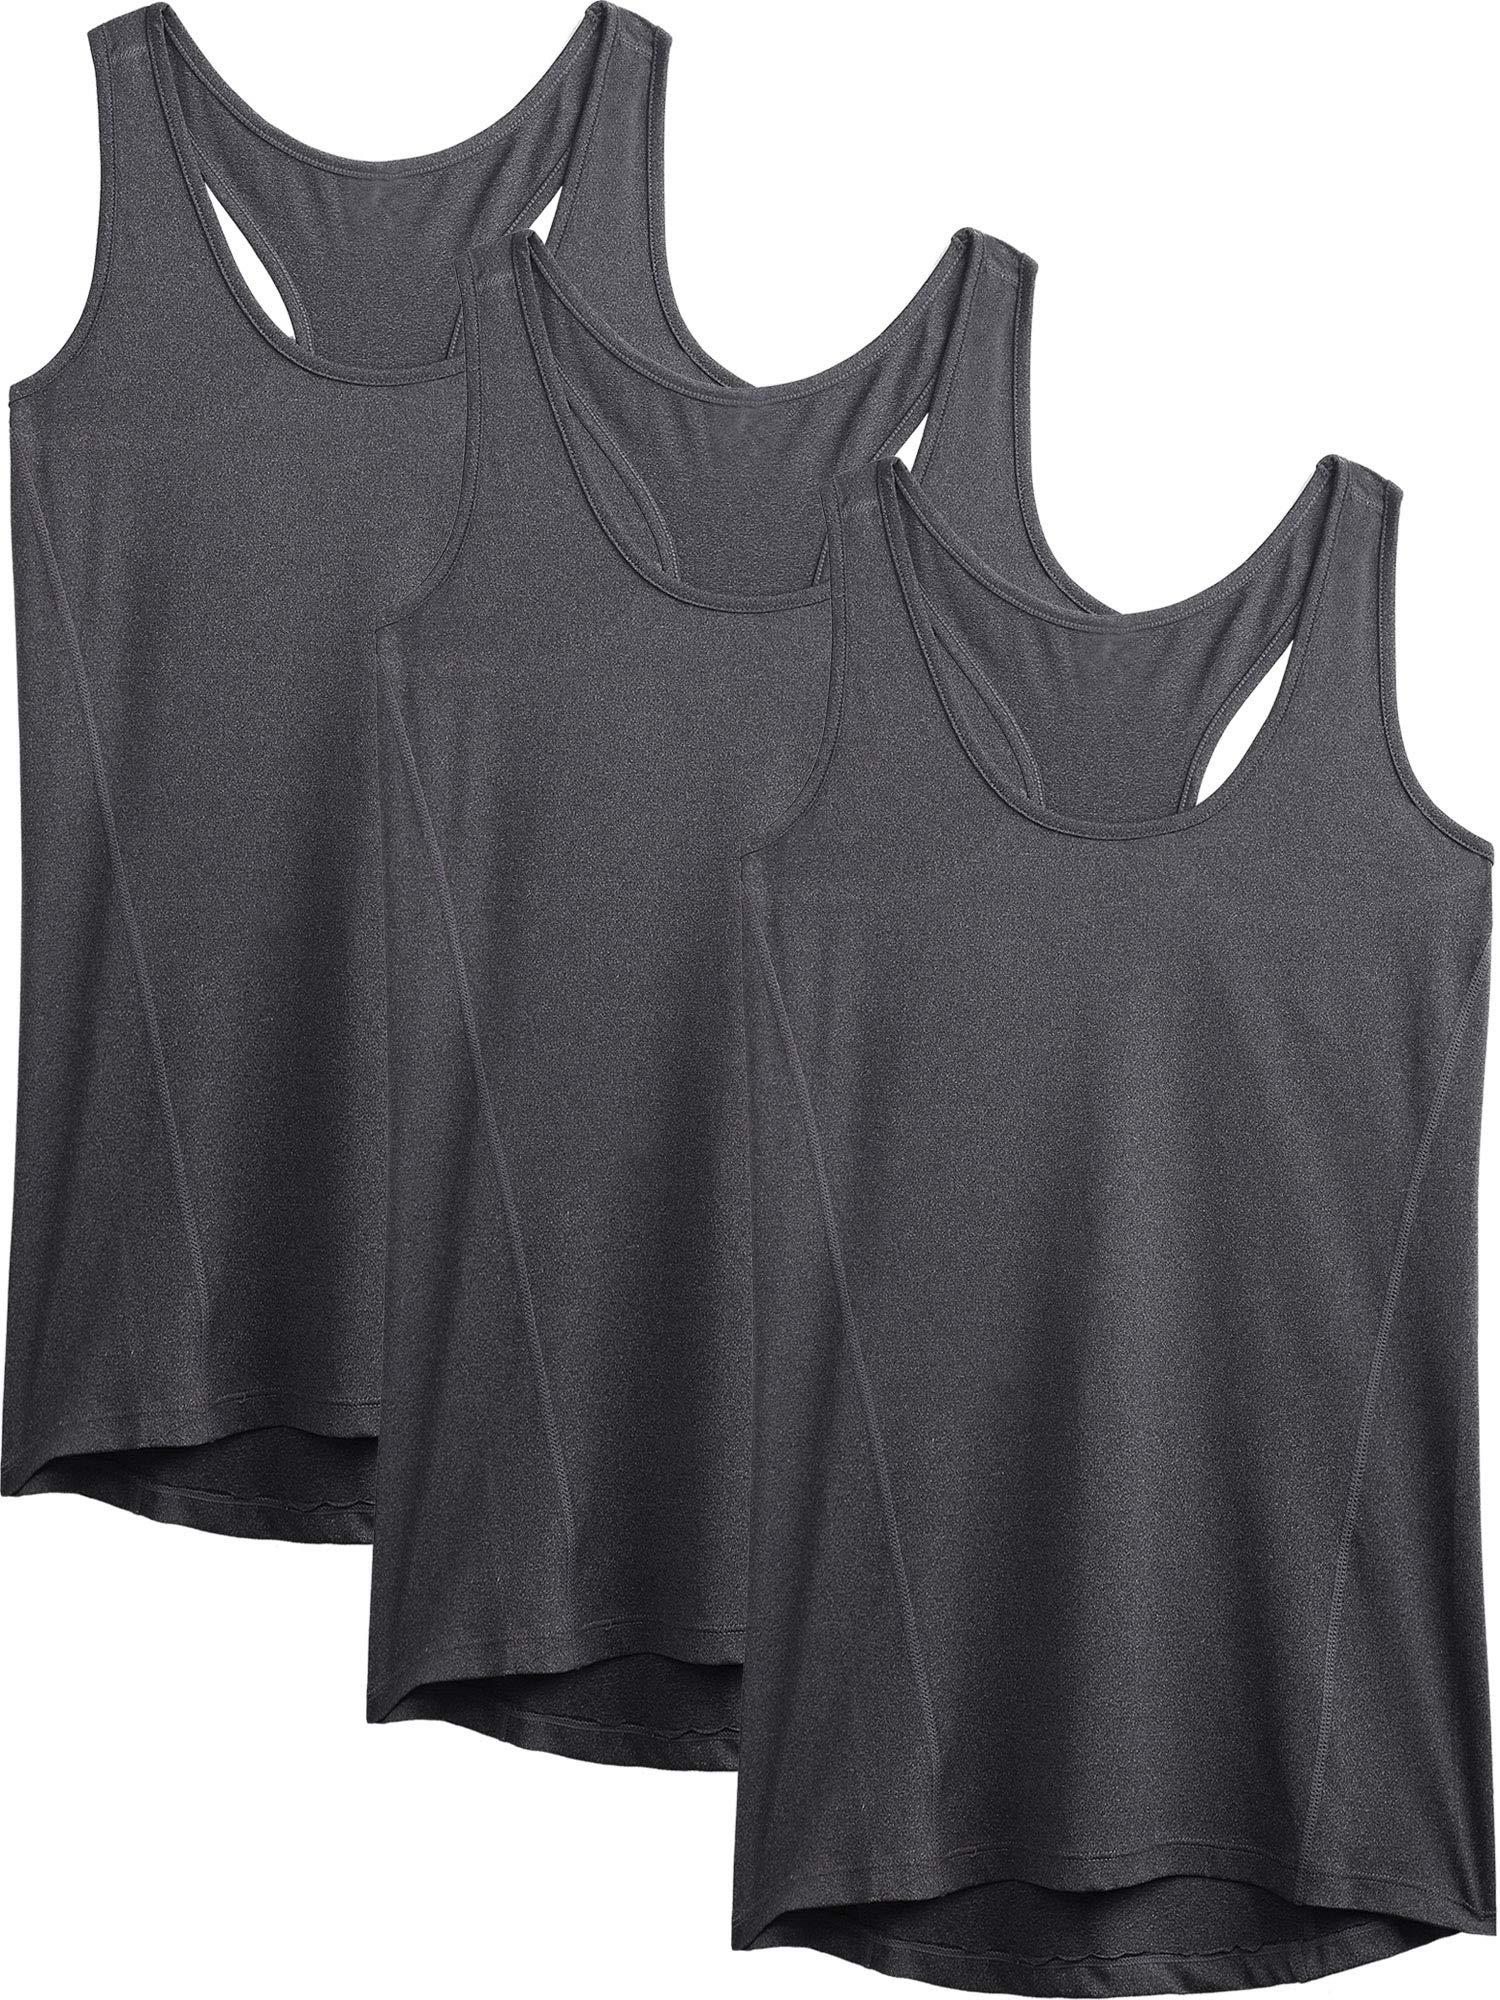 Neleus Workout Running Racerback Long Tank Top for Women,8006,3 Pack,Grey,XL,EU 2XL by Neleus